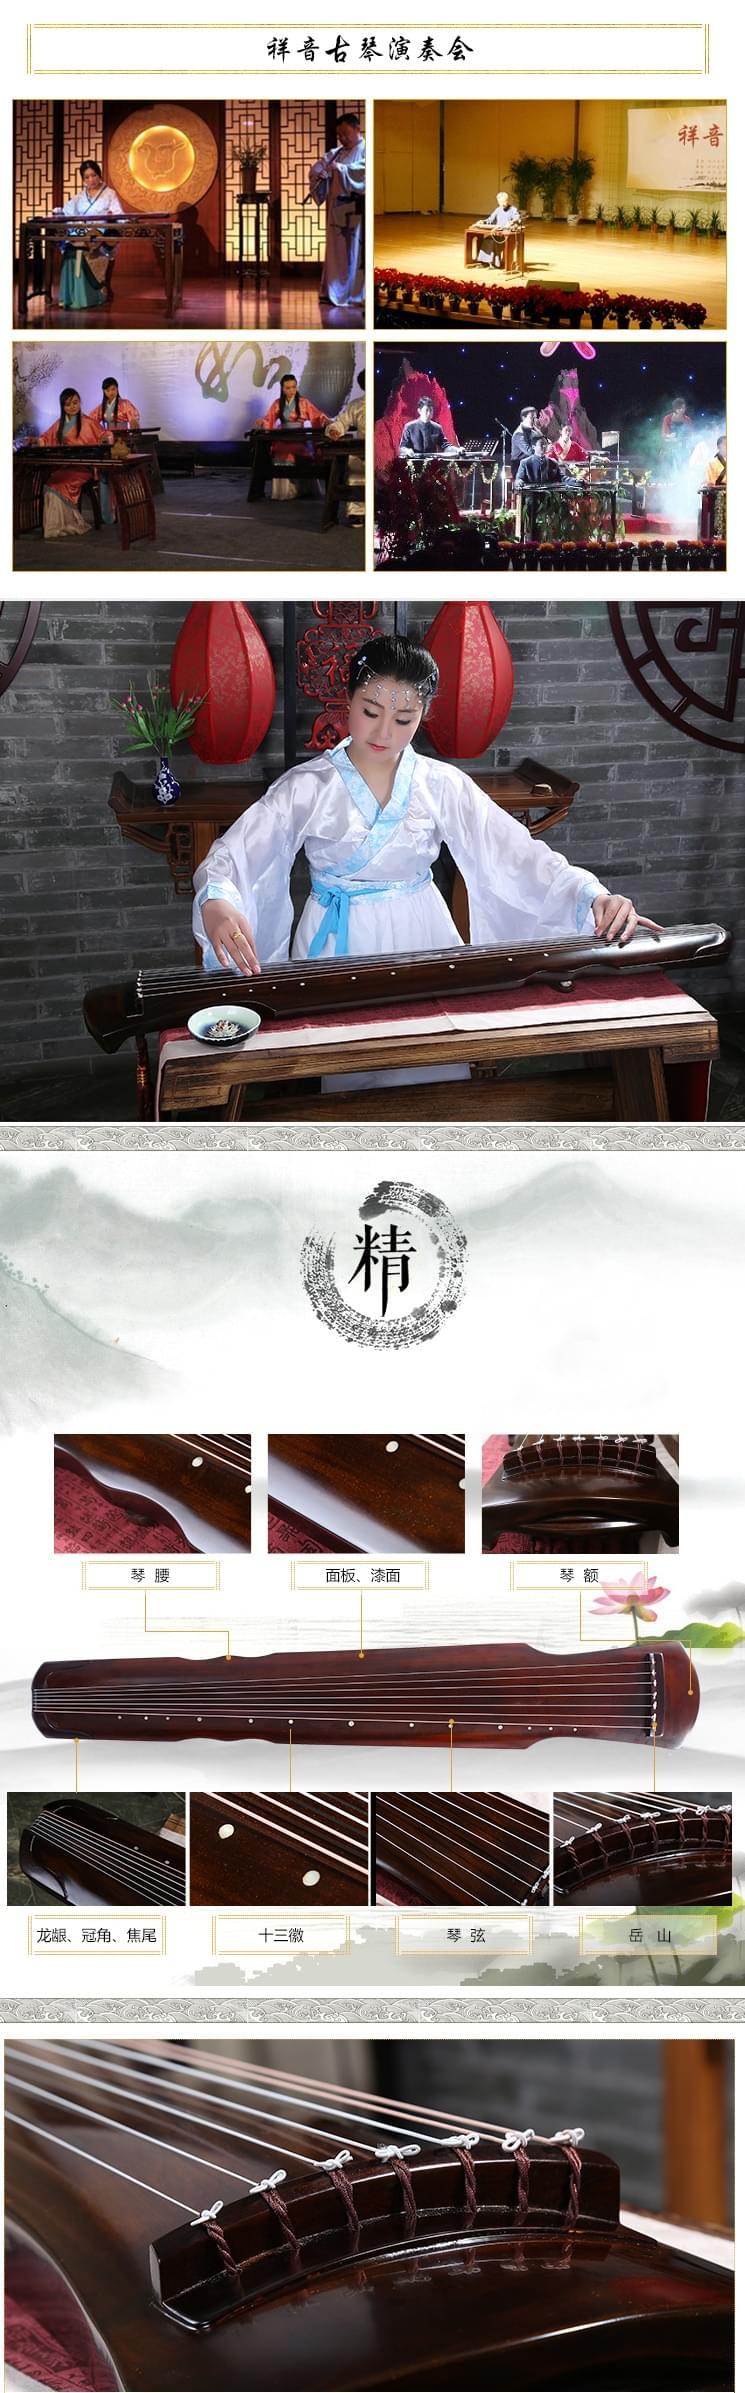 古琴淘宝详情页设计3